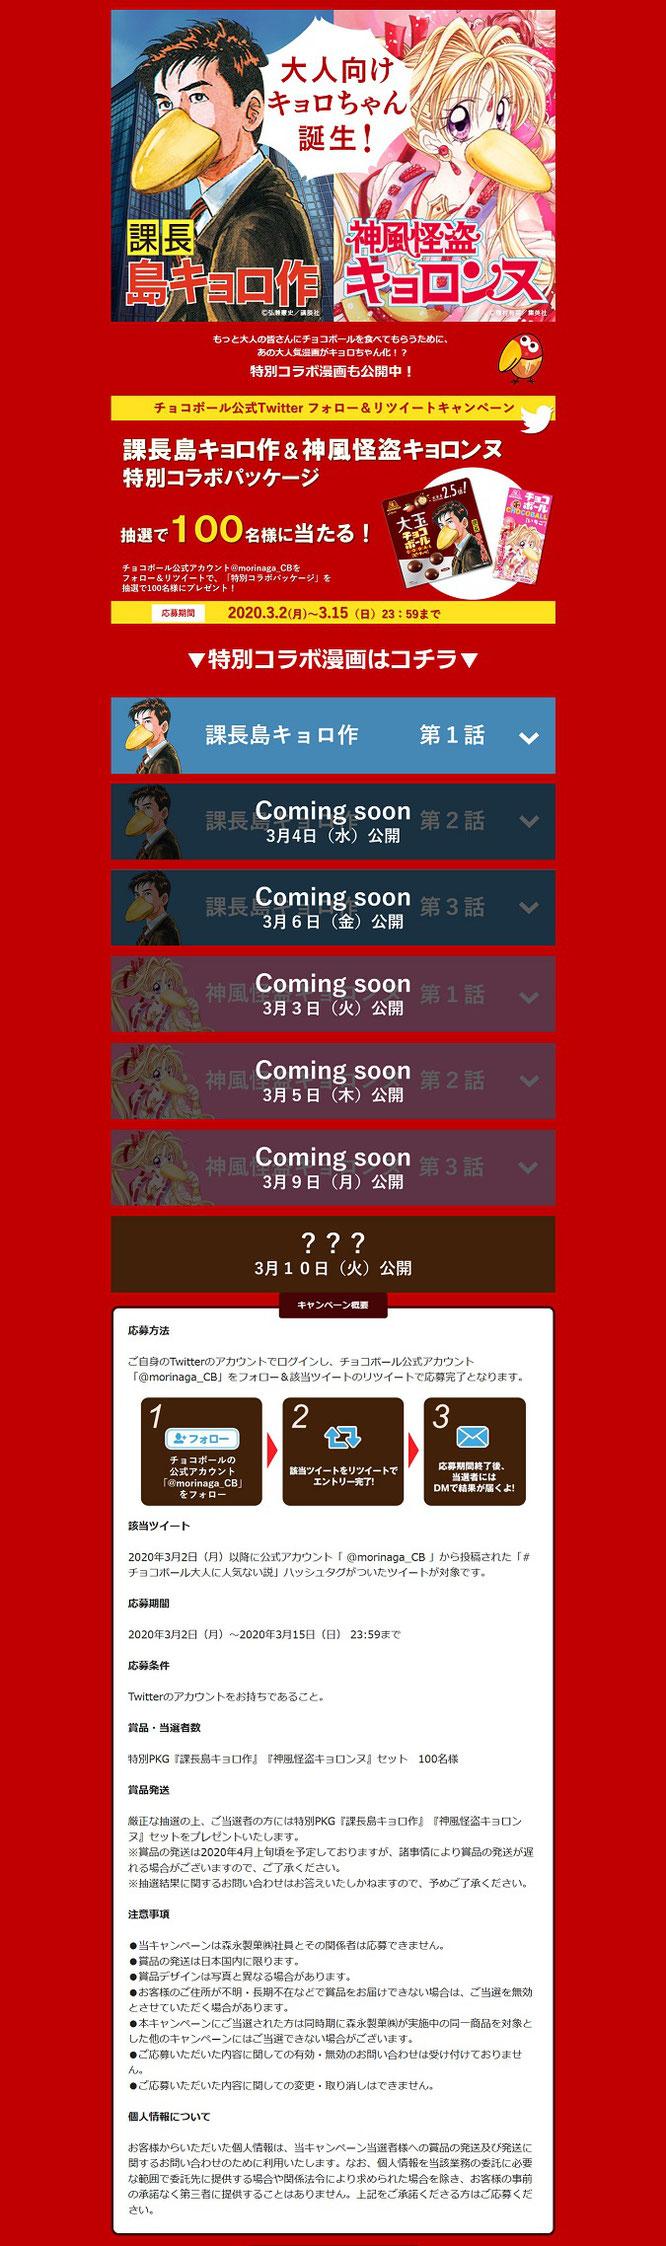 【森永製菓】大人向けキョロちゃん漫画コラボ「課長島キョロ作」「神風怪盗キョロンヌ」